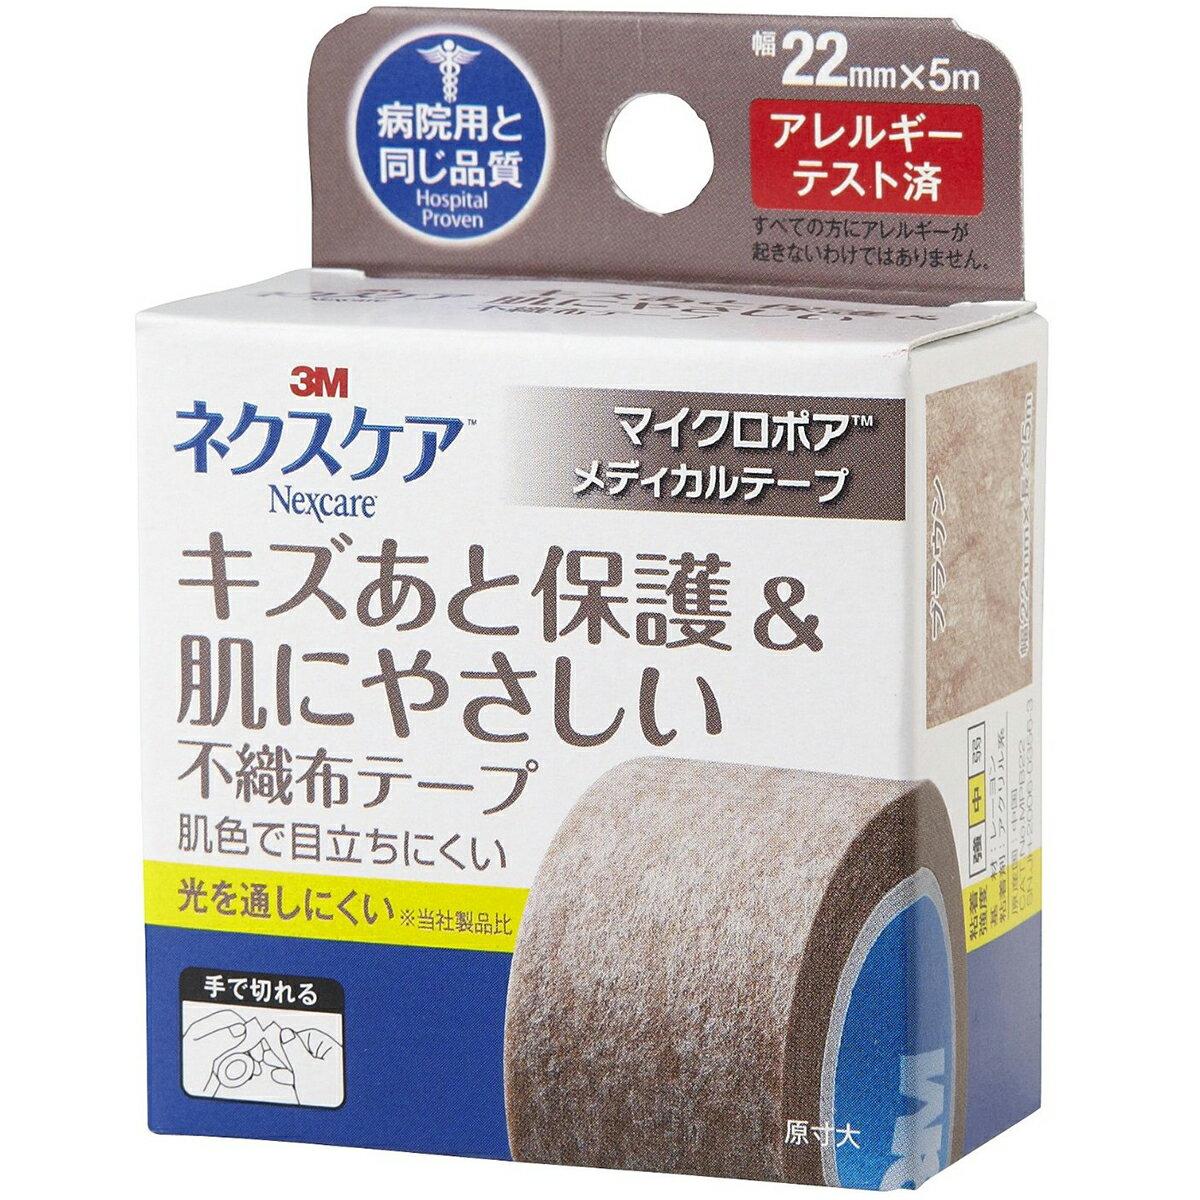 【☆】住友スリーエム株式会社 3M ネクスケア マイクロポアメディカルテープ ブラウン 22mm×5m<キズあと保護&肌にやさしい不織布テープ><病院用と同じ品質>